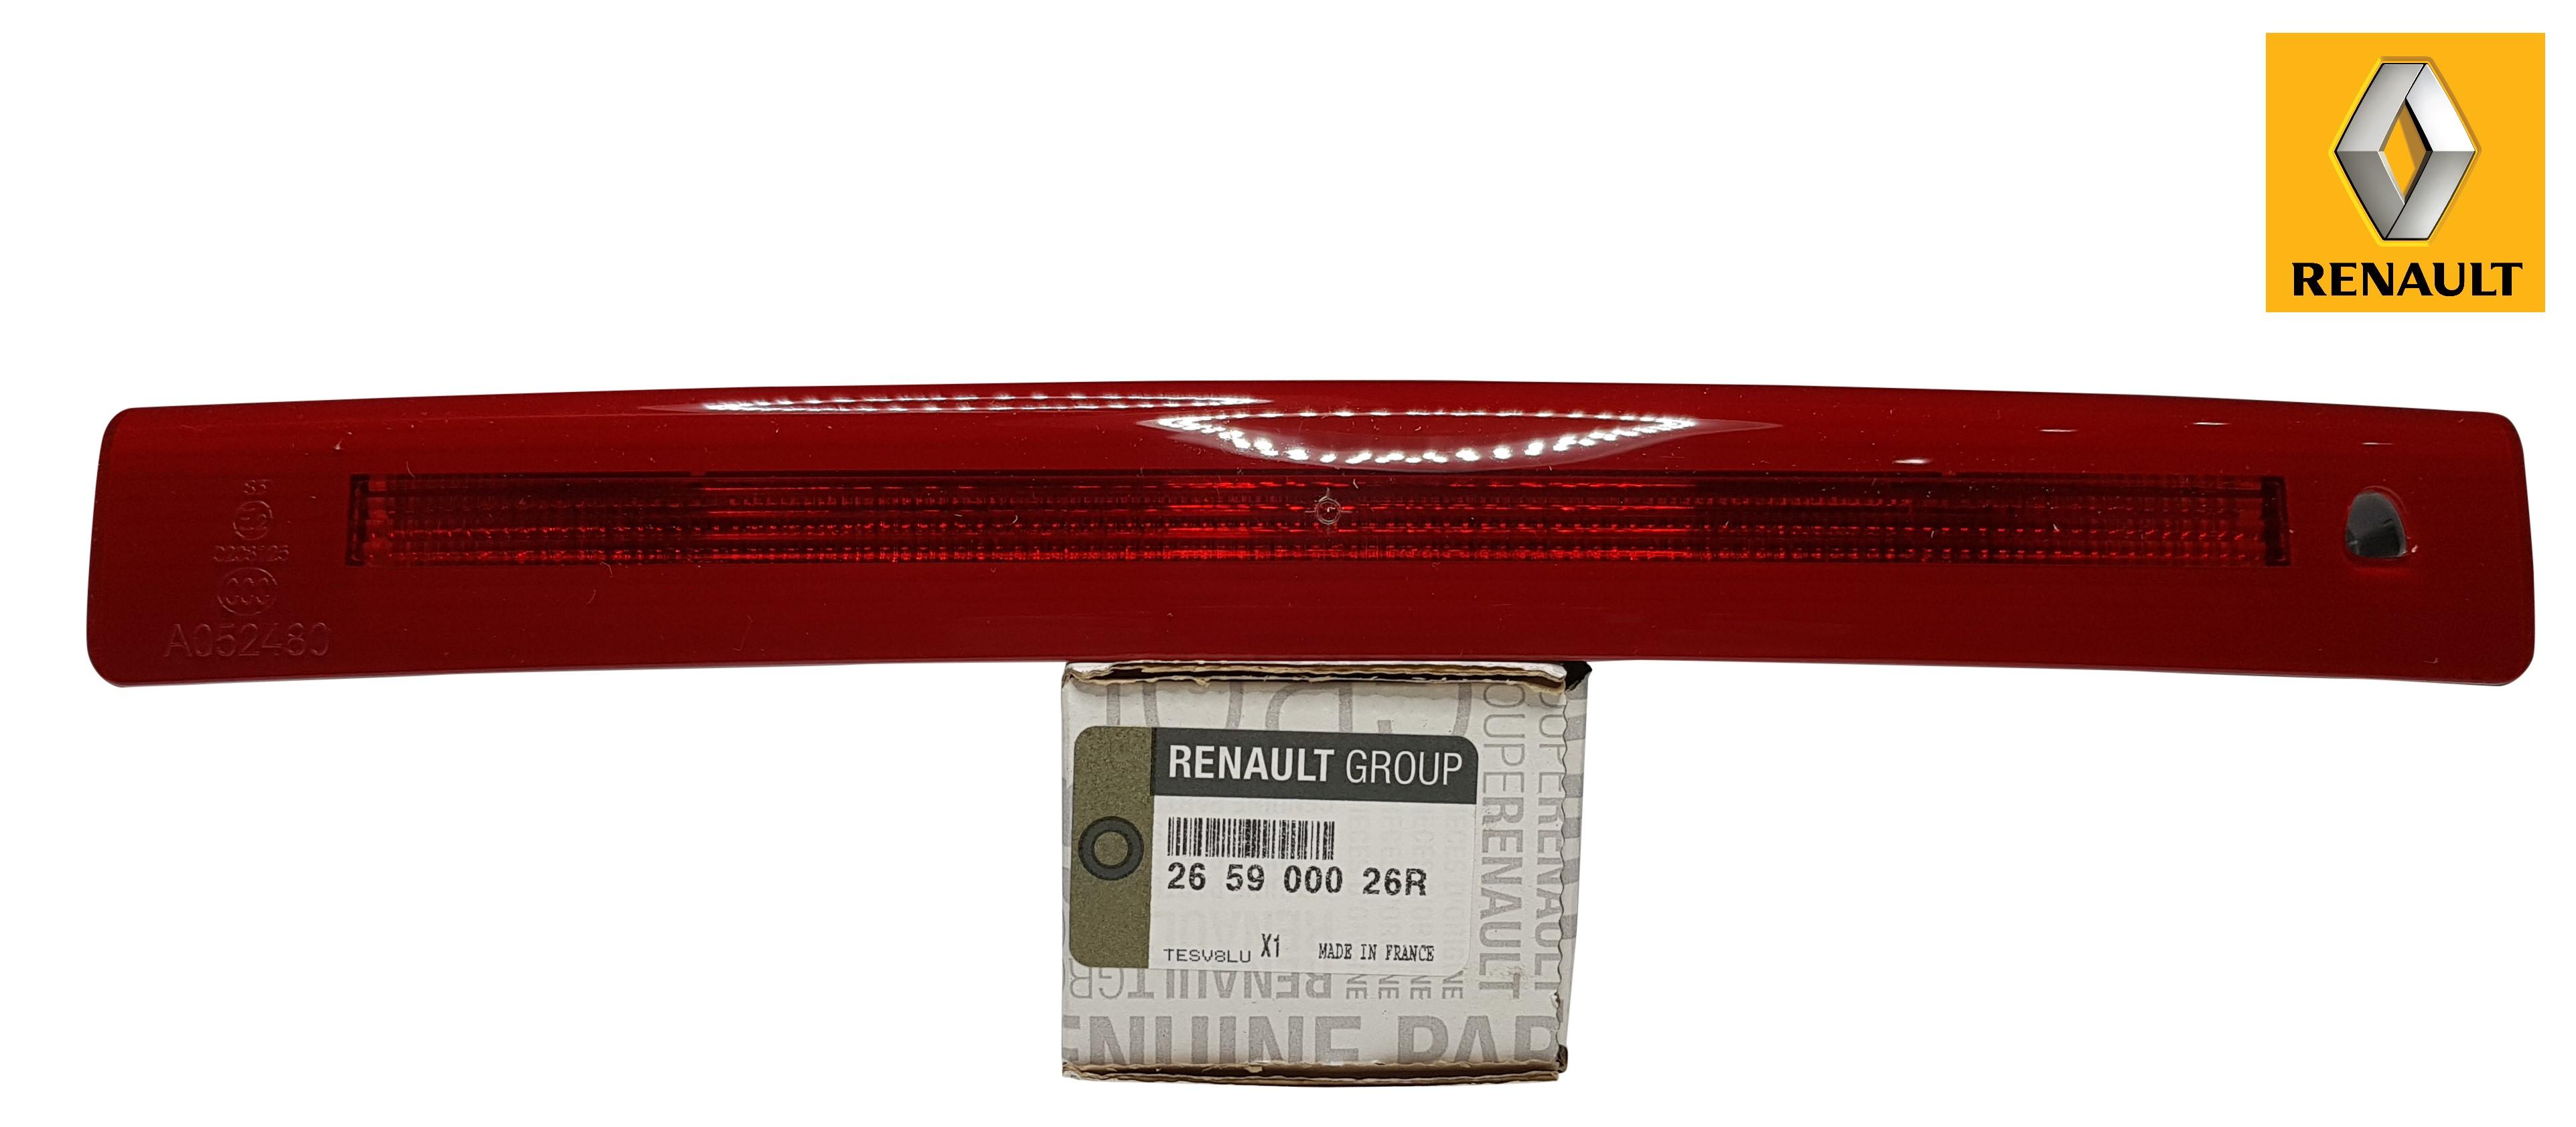 Zusatz Bremsleuchte Grand Scenic III 265900026R original Renault Bremslicht 3